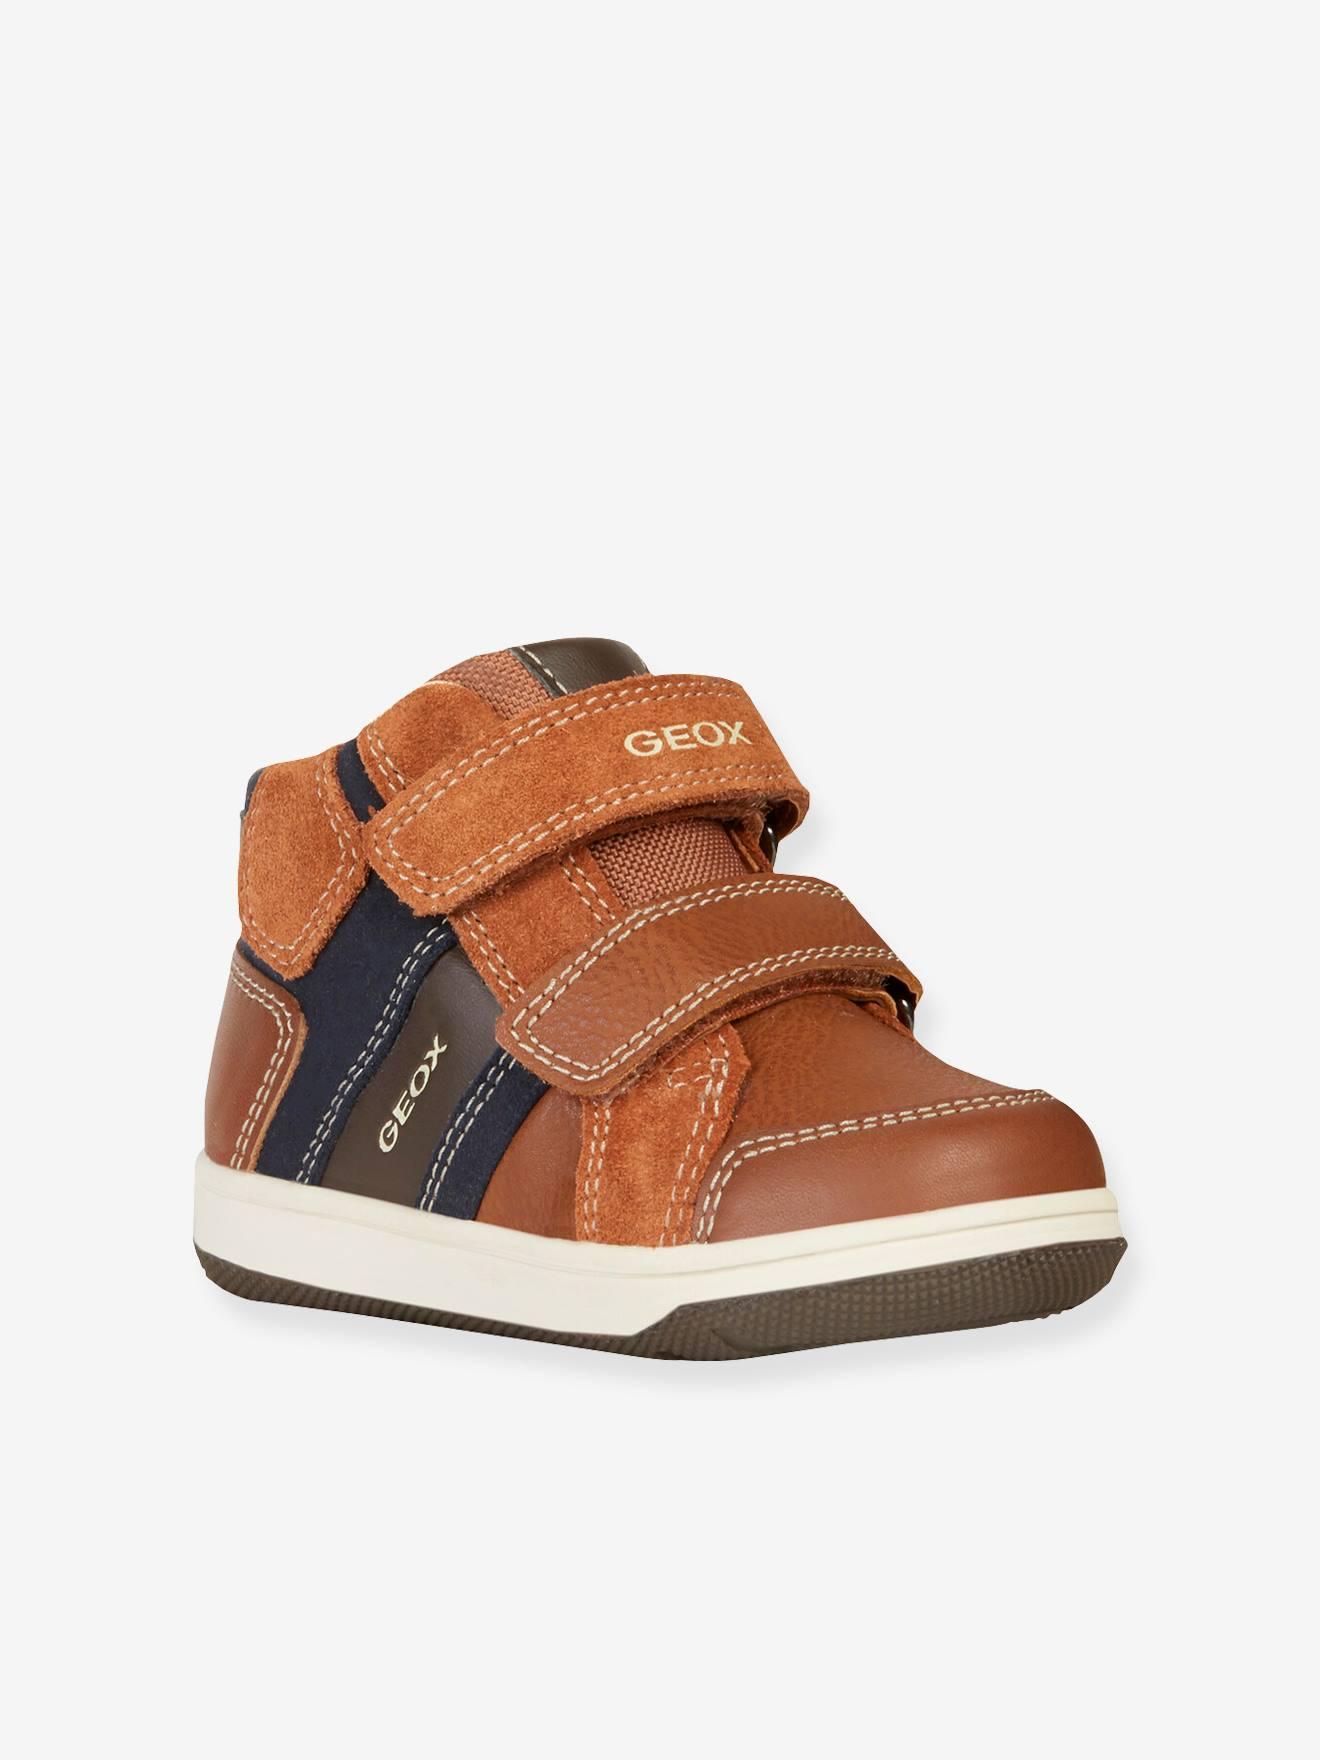   Geox Kids' New Flick BOY 2 Sneaker   Sneakers